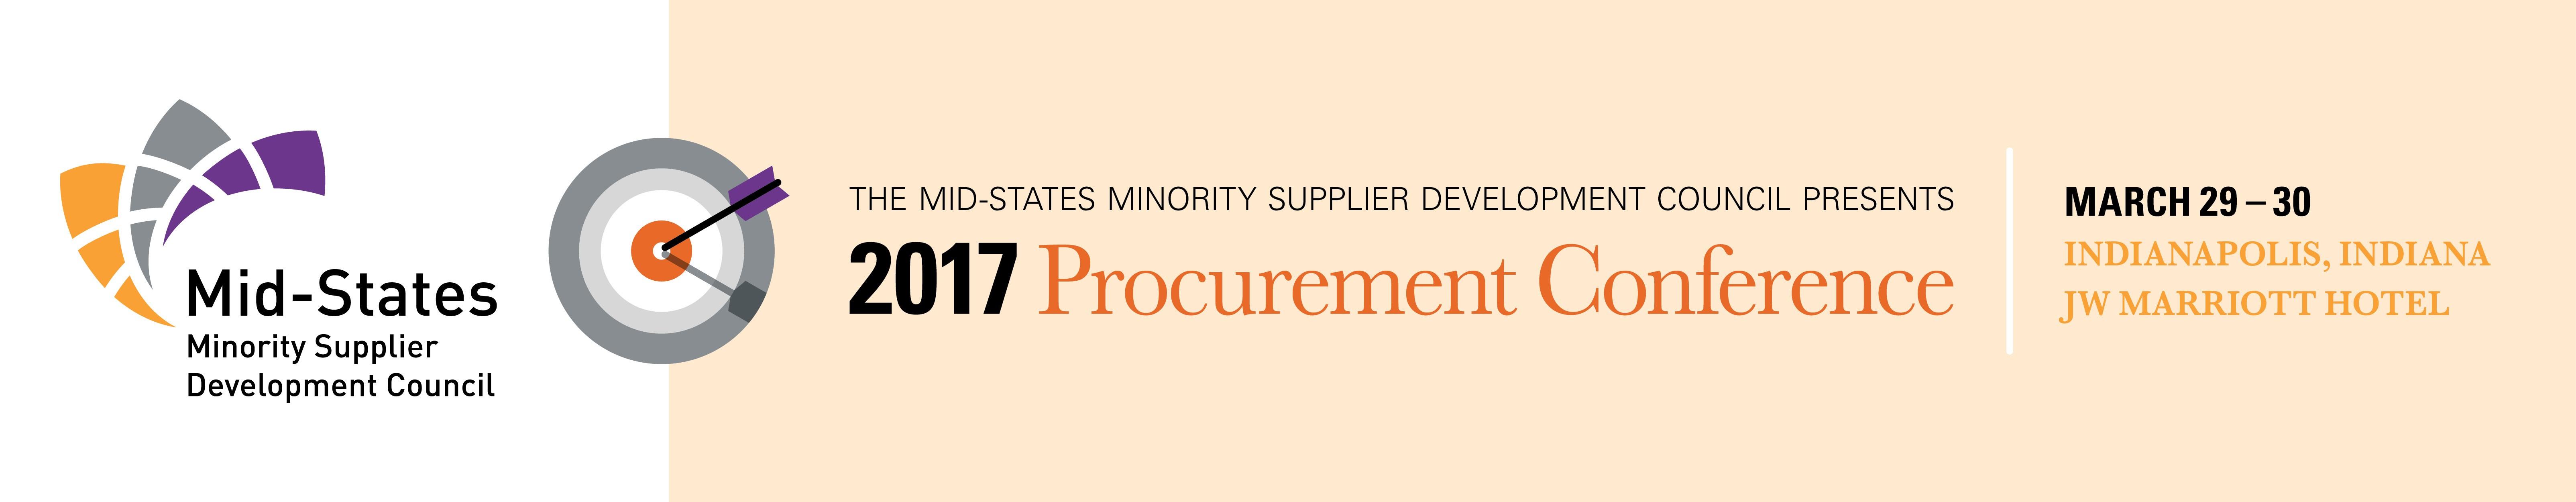 2017 Procurement Conference